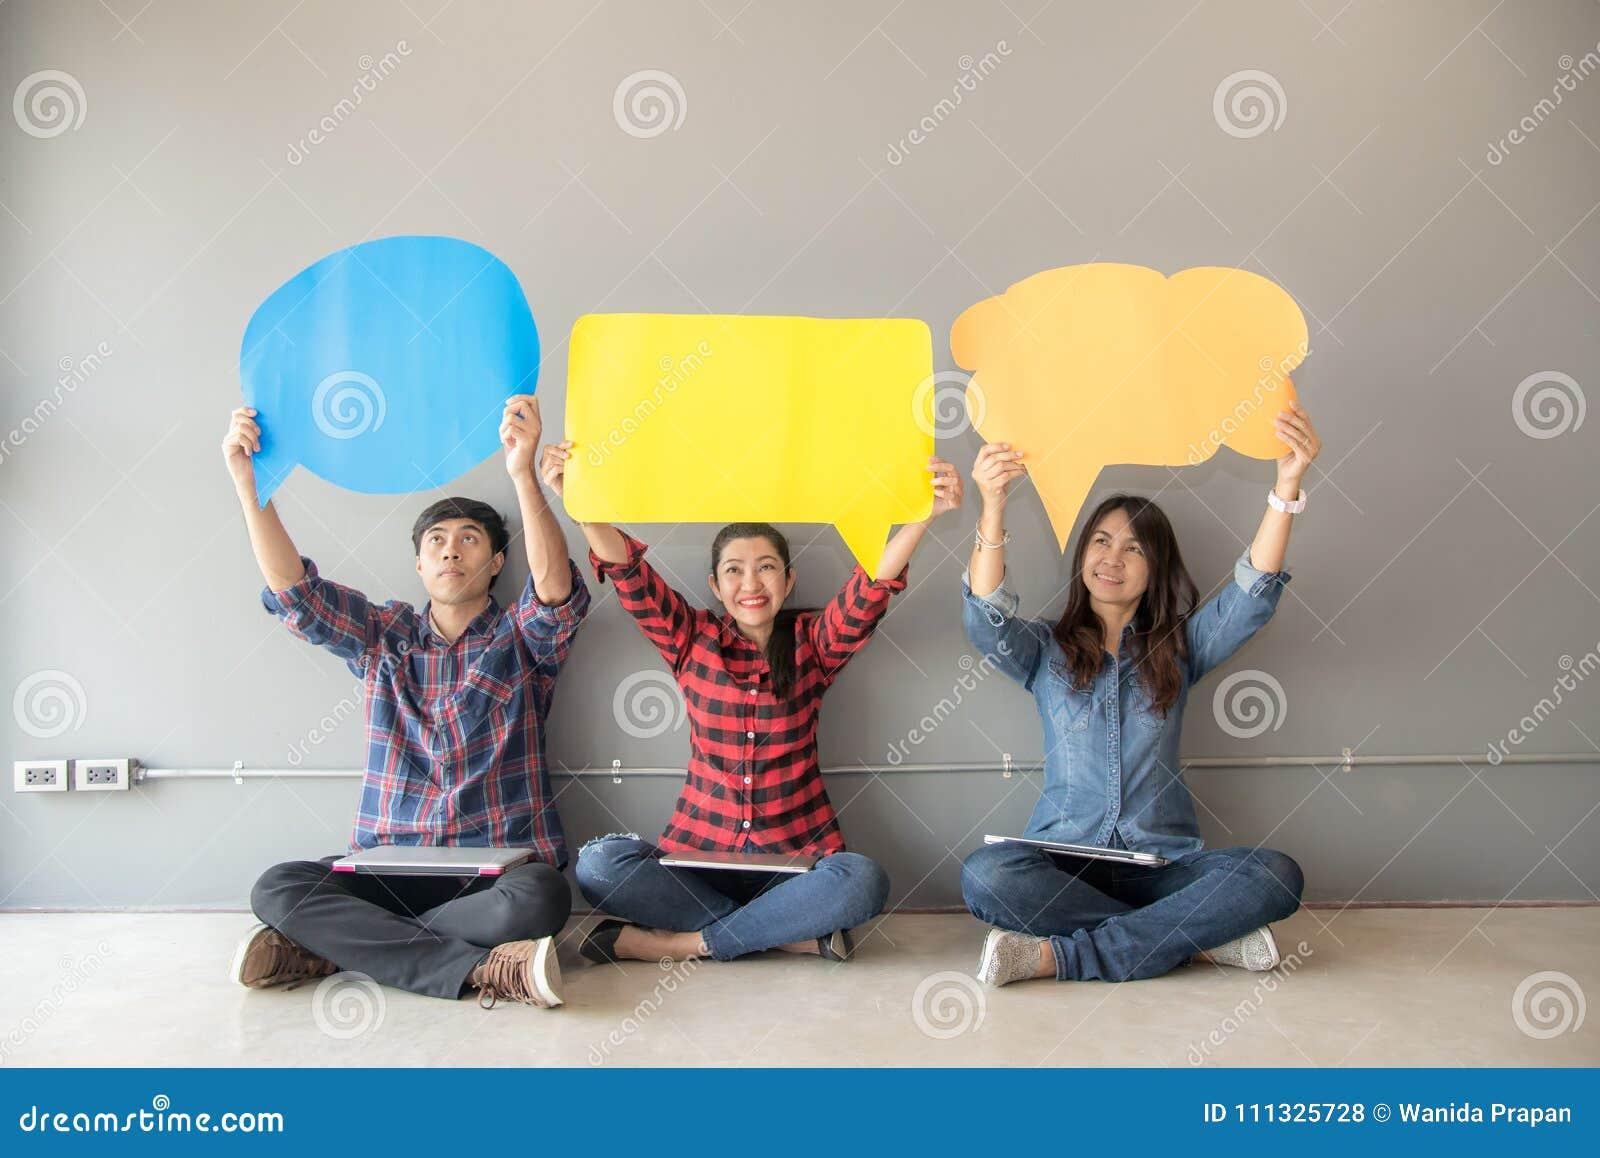 年轻和成人人民的人亚洲人勘测评估分析反馈象